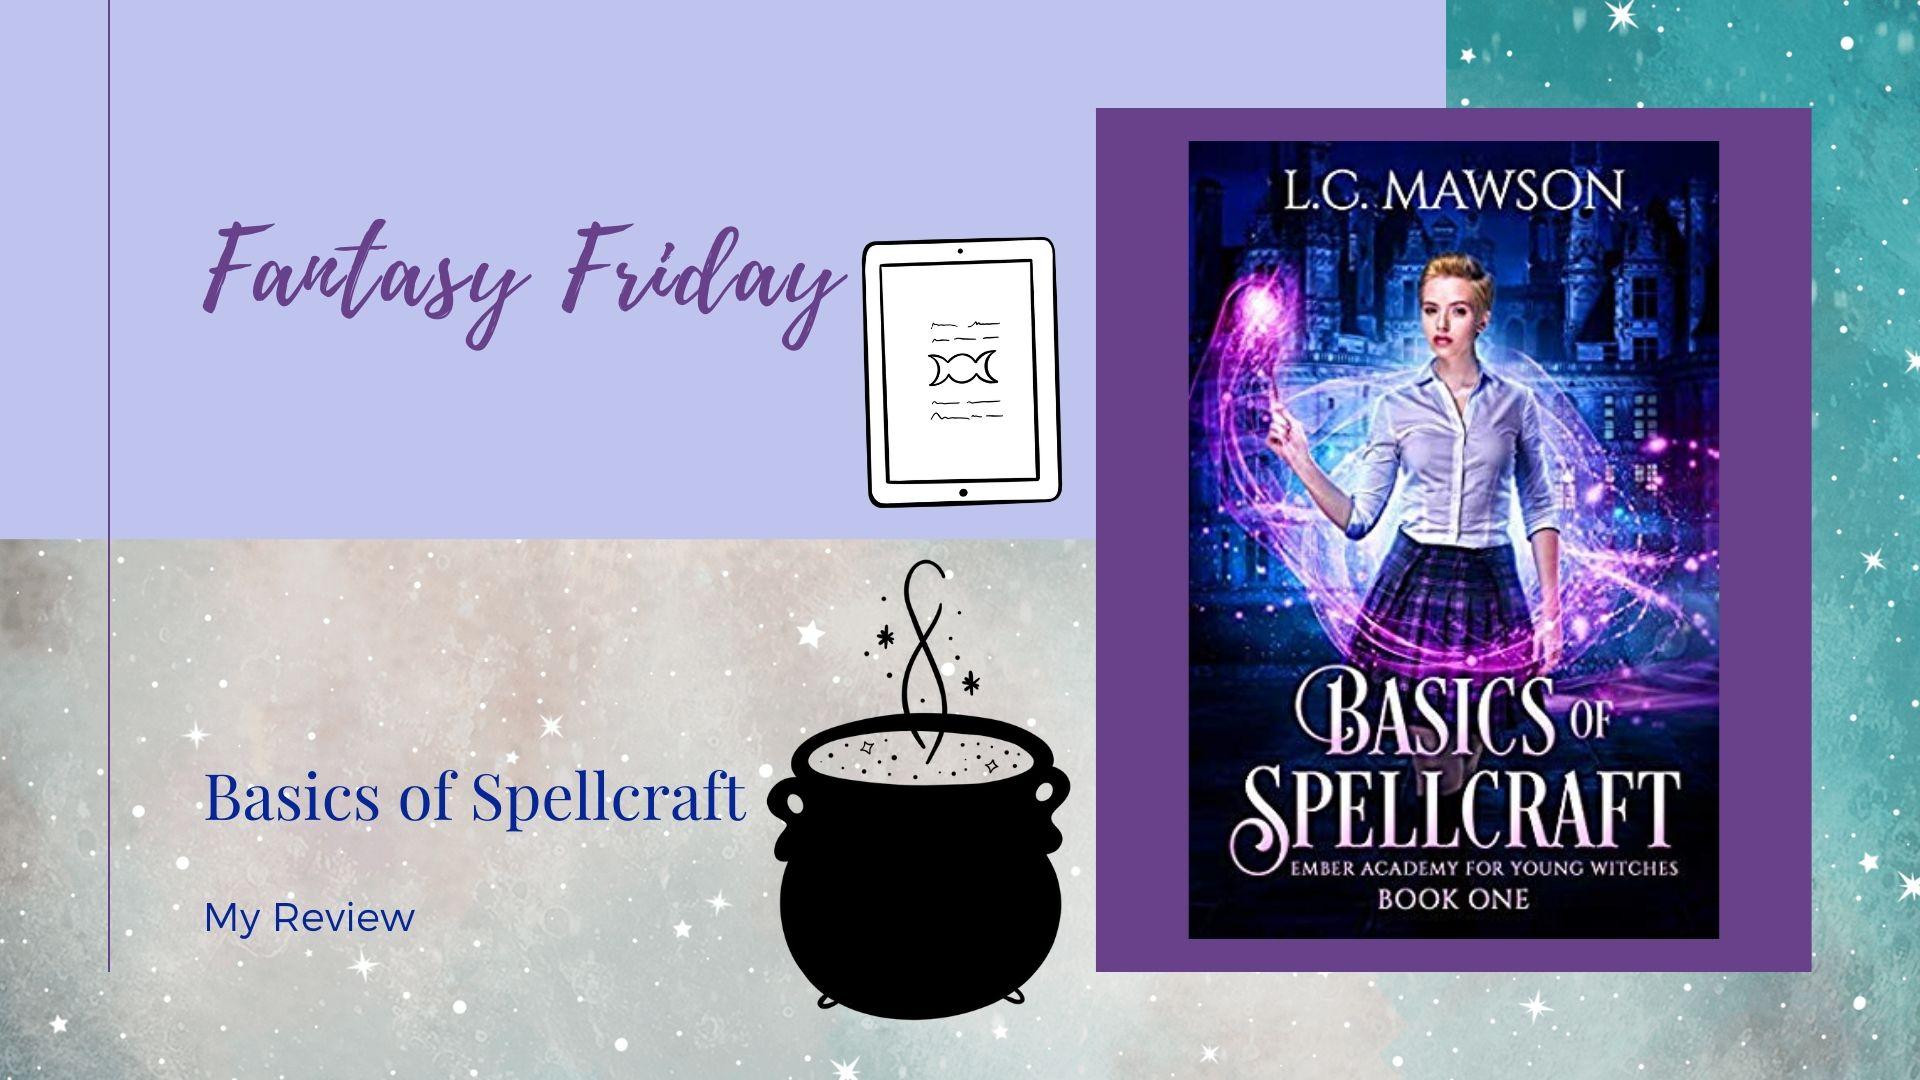 Fantasy Friday: Basics of Spellcraft by L. C. Mawson